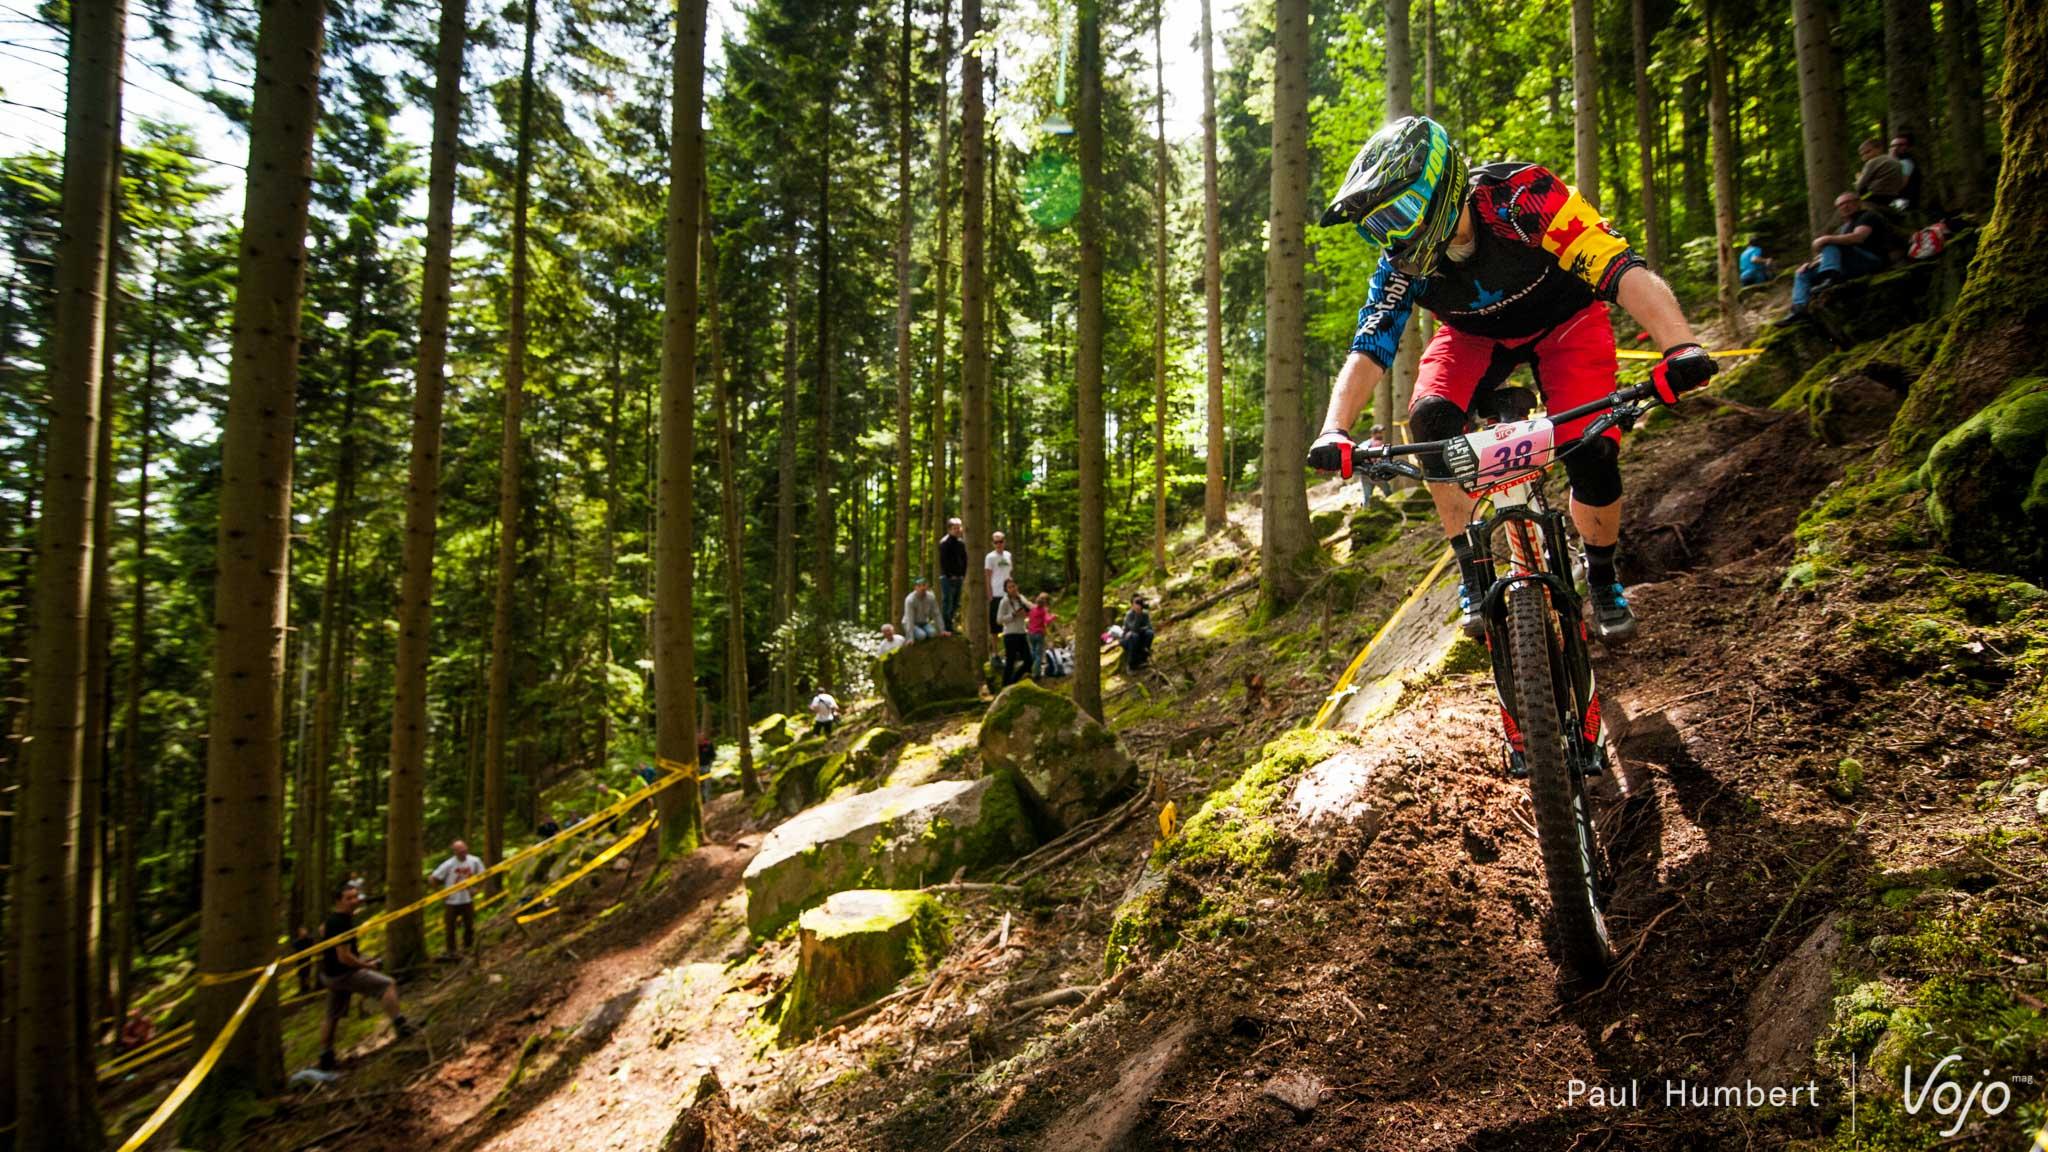 Raon-l-etape-vojo-2016-paul-humbert-54